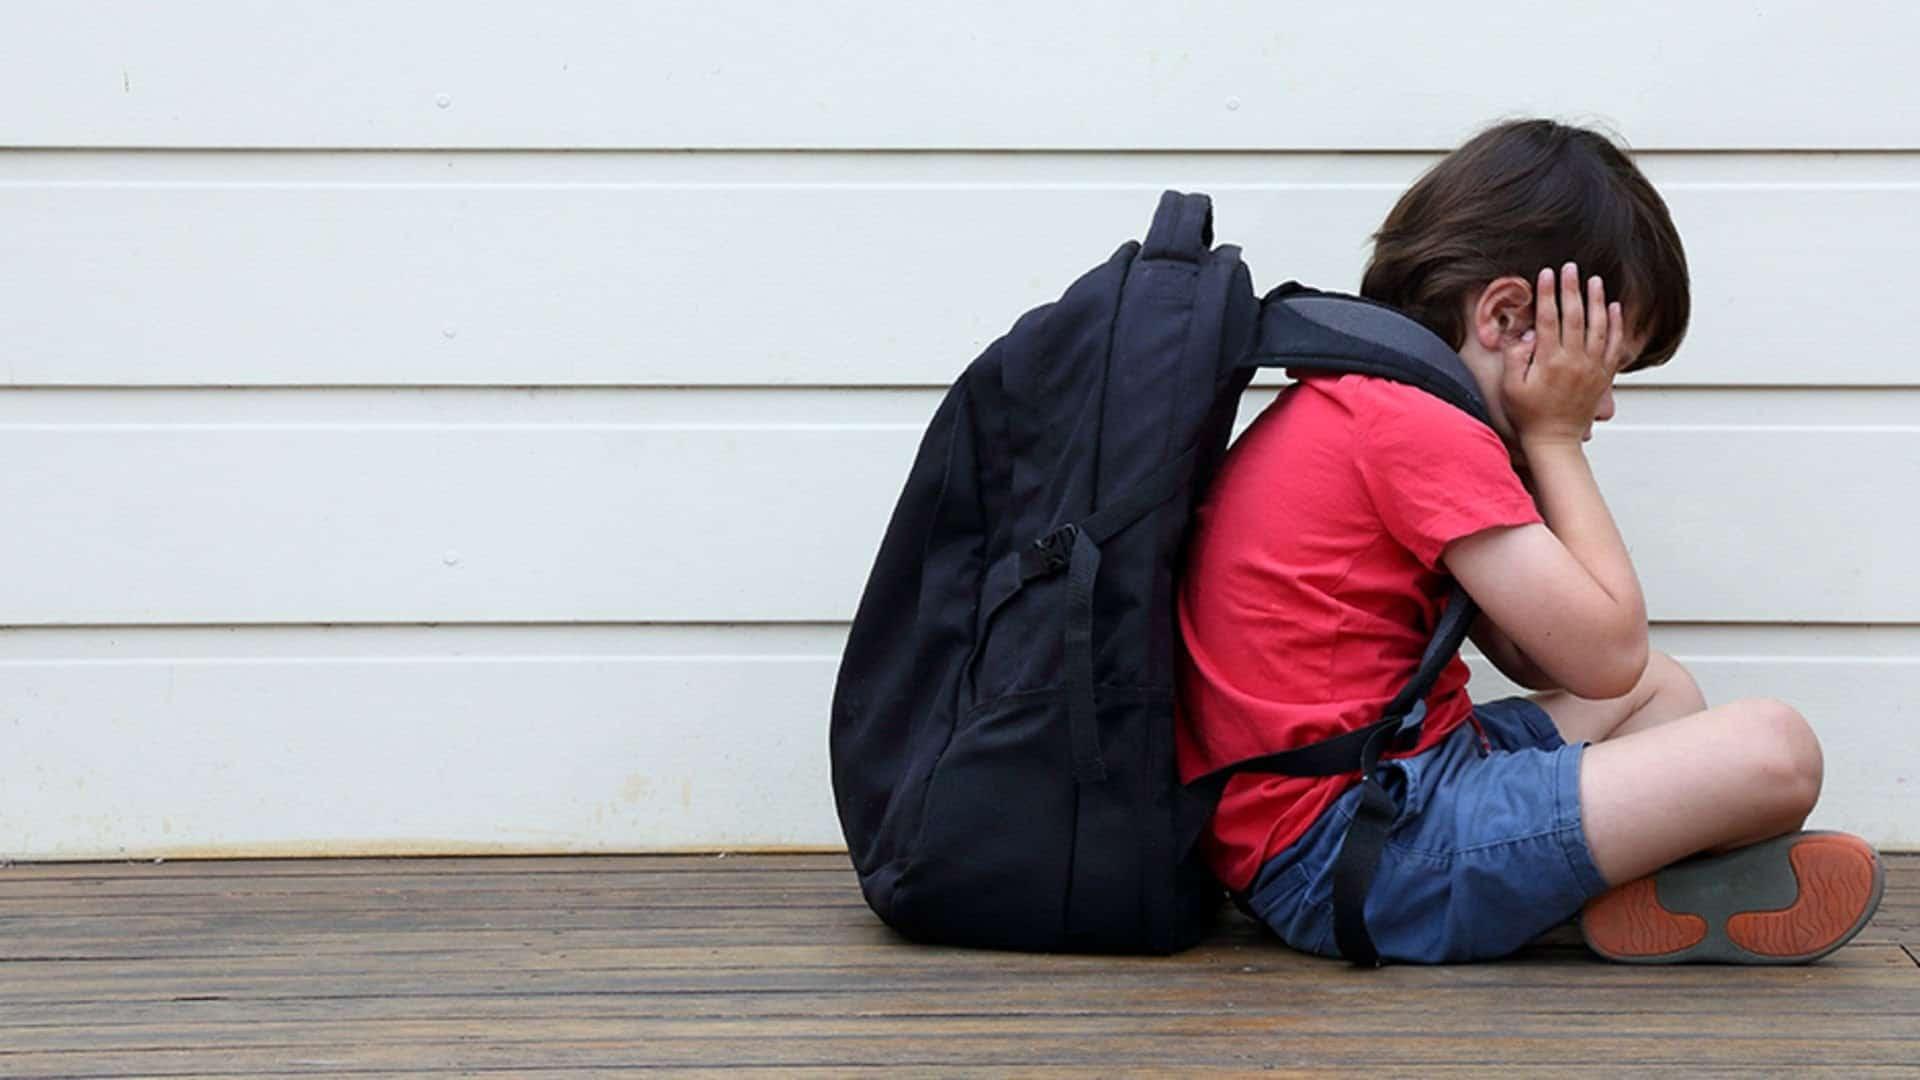 okul korkusu Çocuklarda Okul Korkusu Nasıl Yenilir?